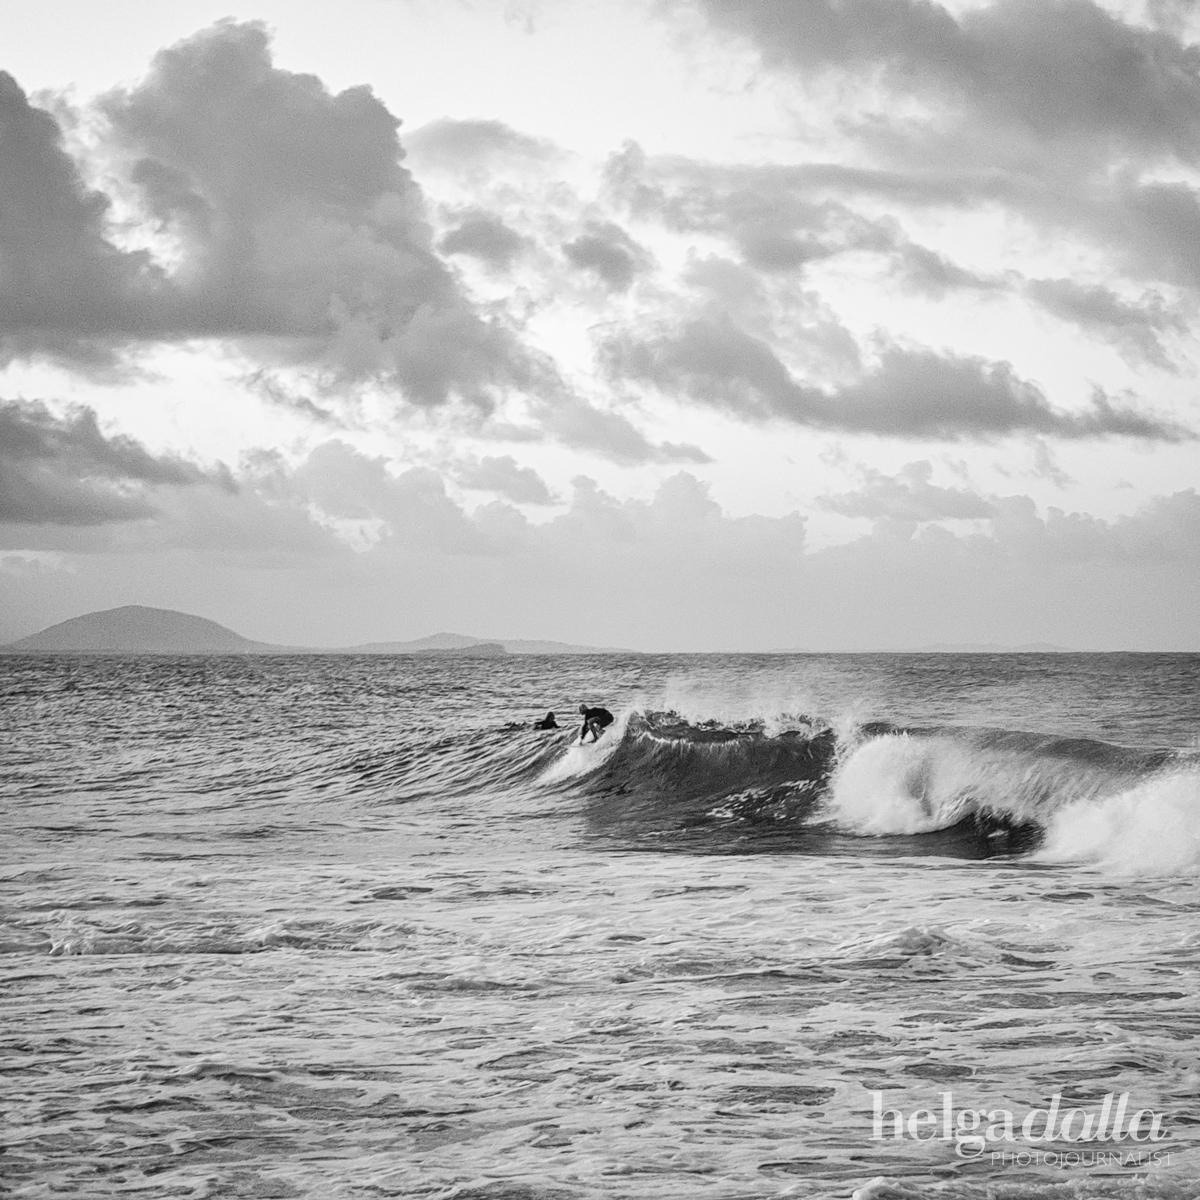 160427 - Day 118 Surfing-1 wm